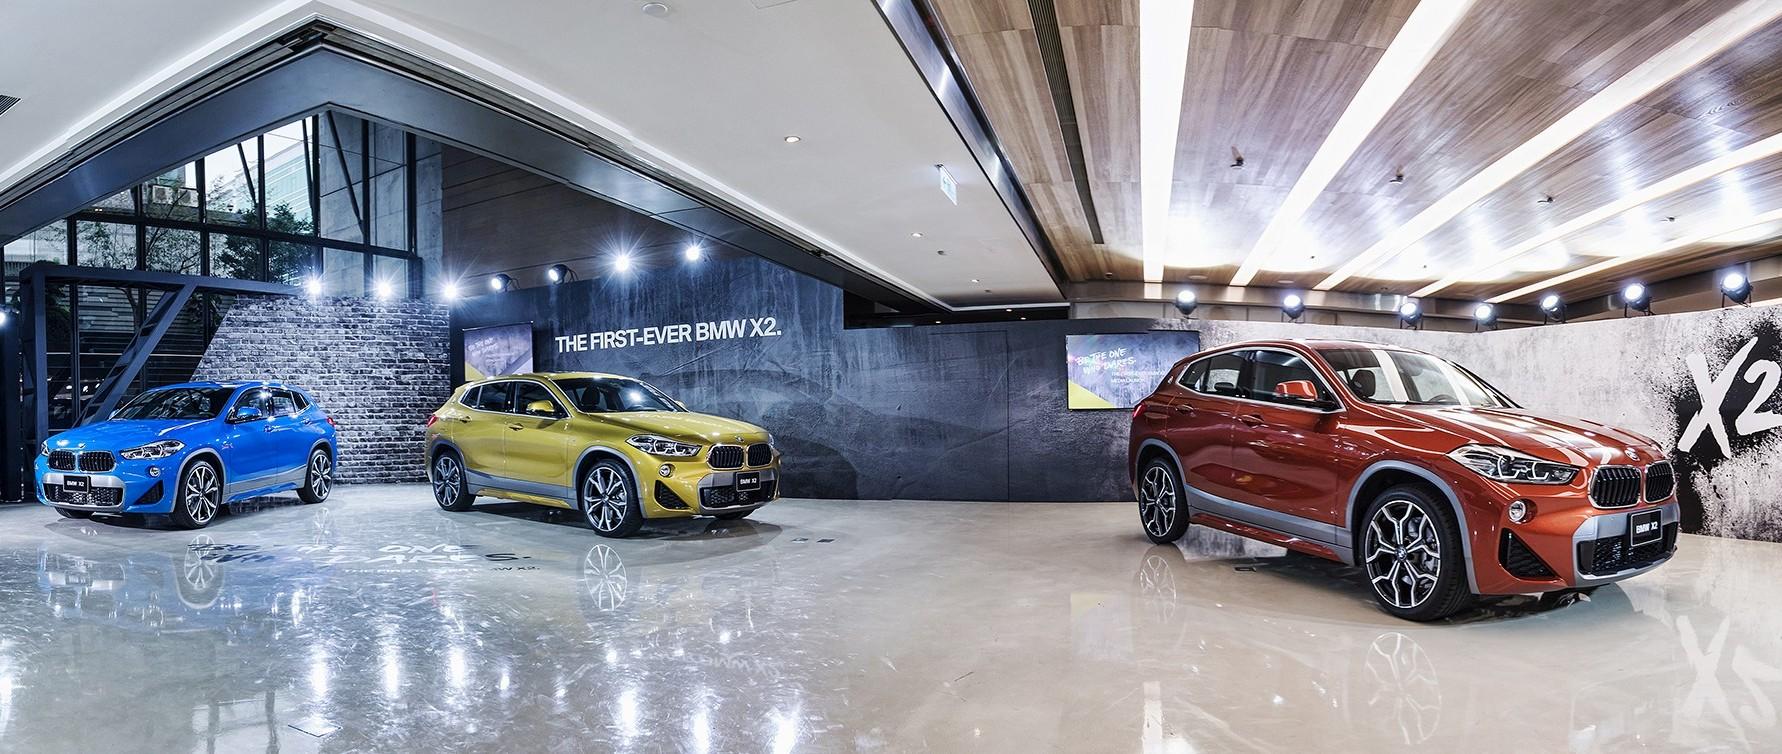 大逆之道:BMW全新首創X2豪華跨界跑旅 放膽問世